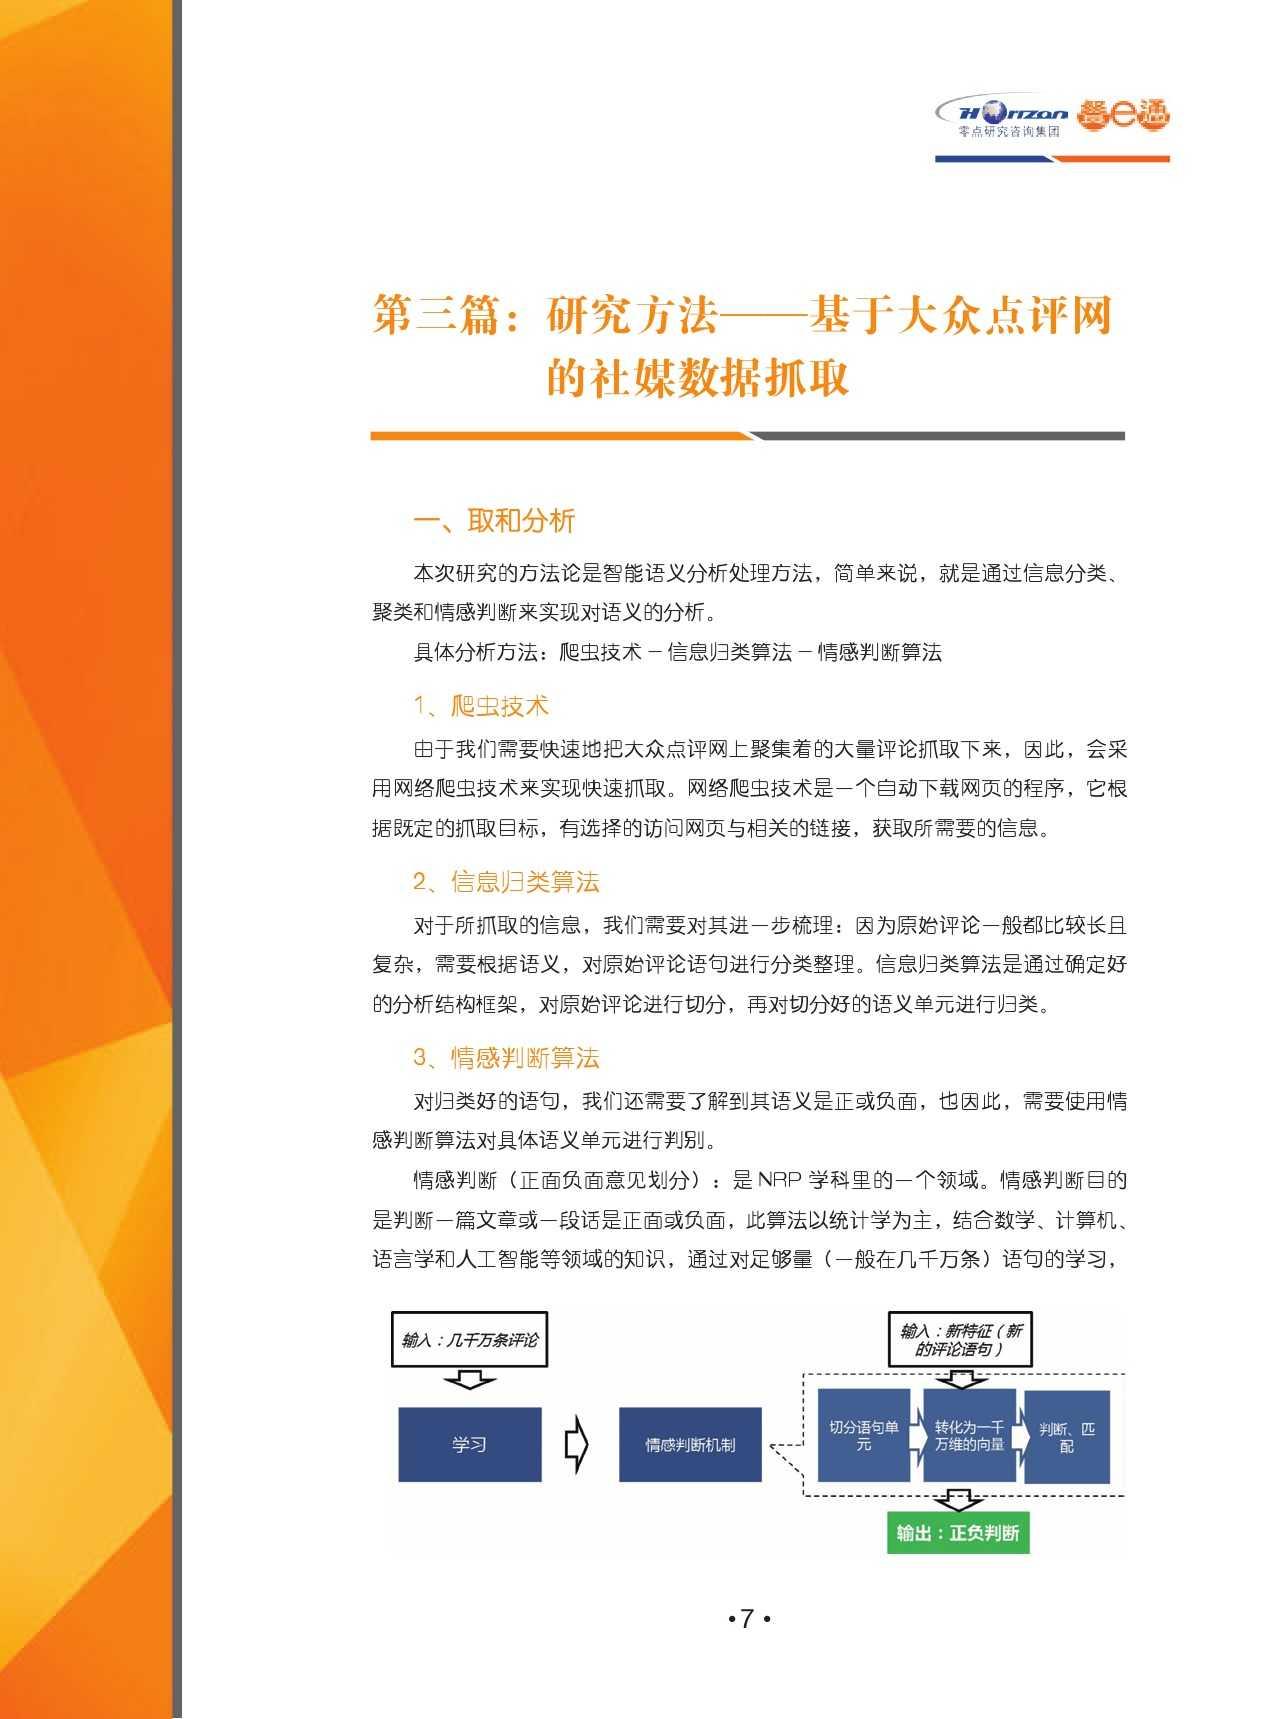 2015中国餐饮消费需求大数据分析报告_000009